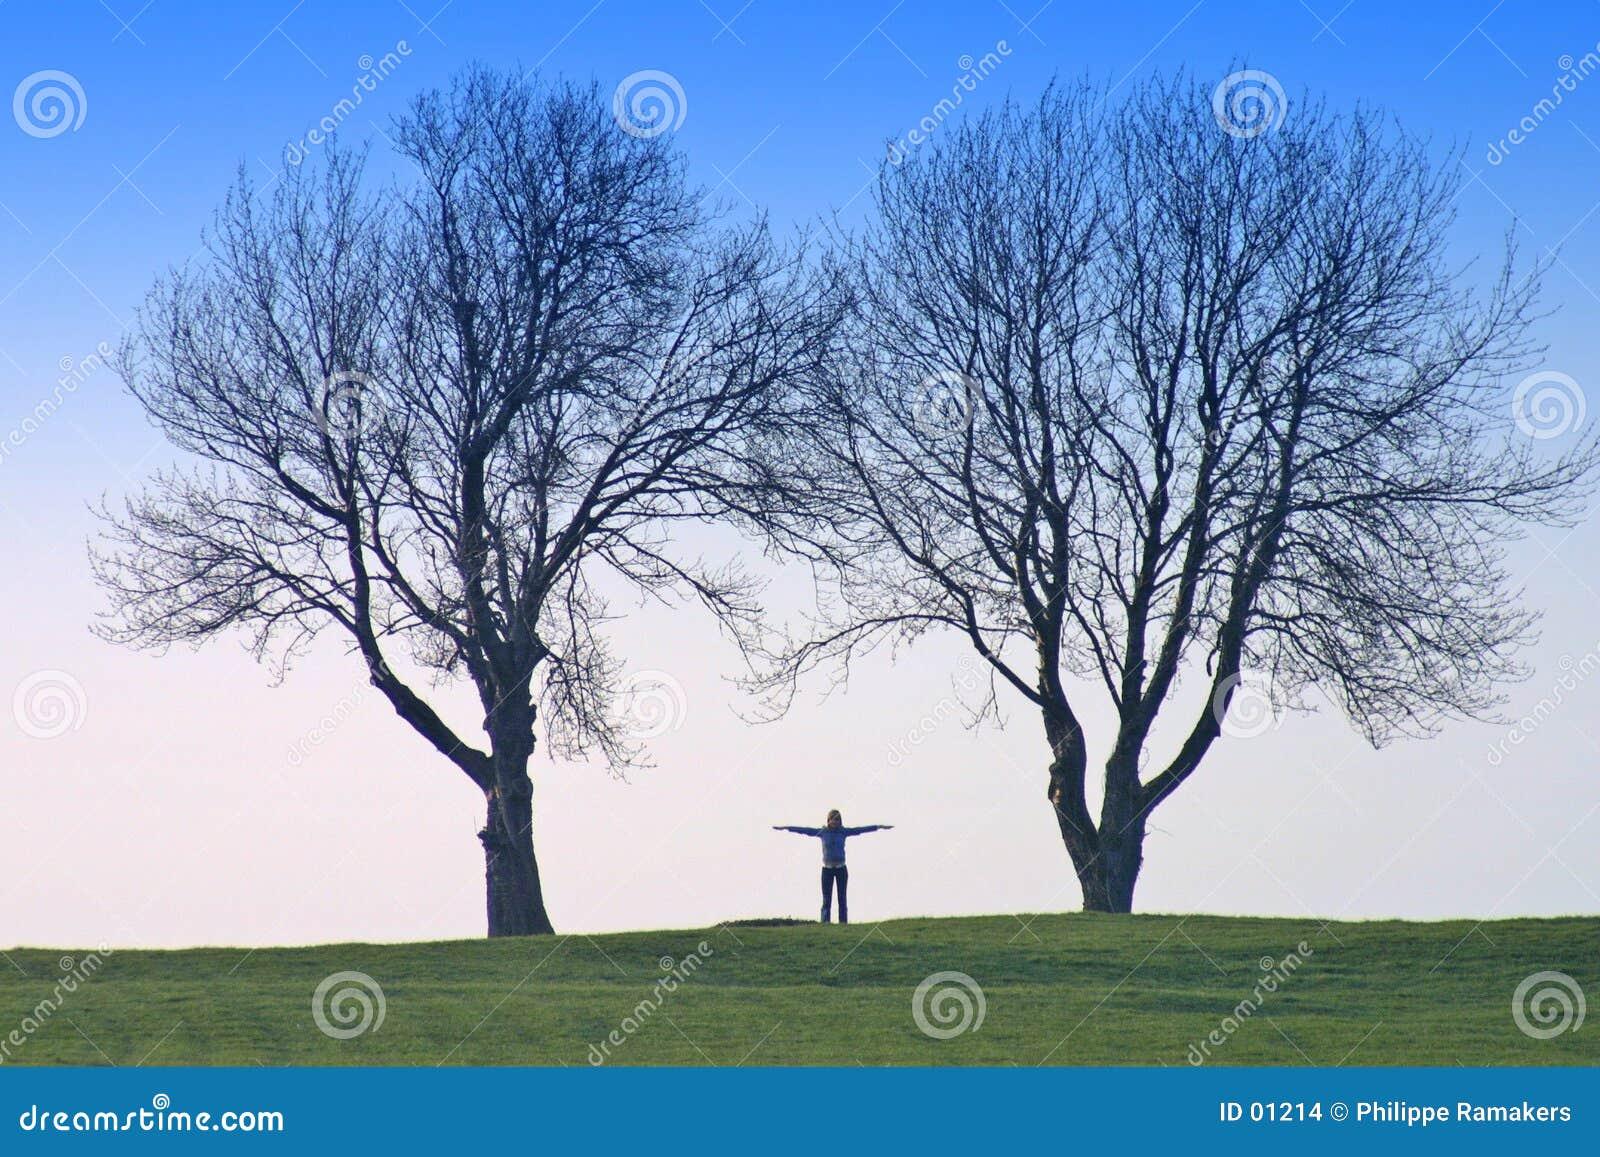 人力形状结构树